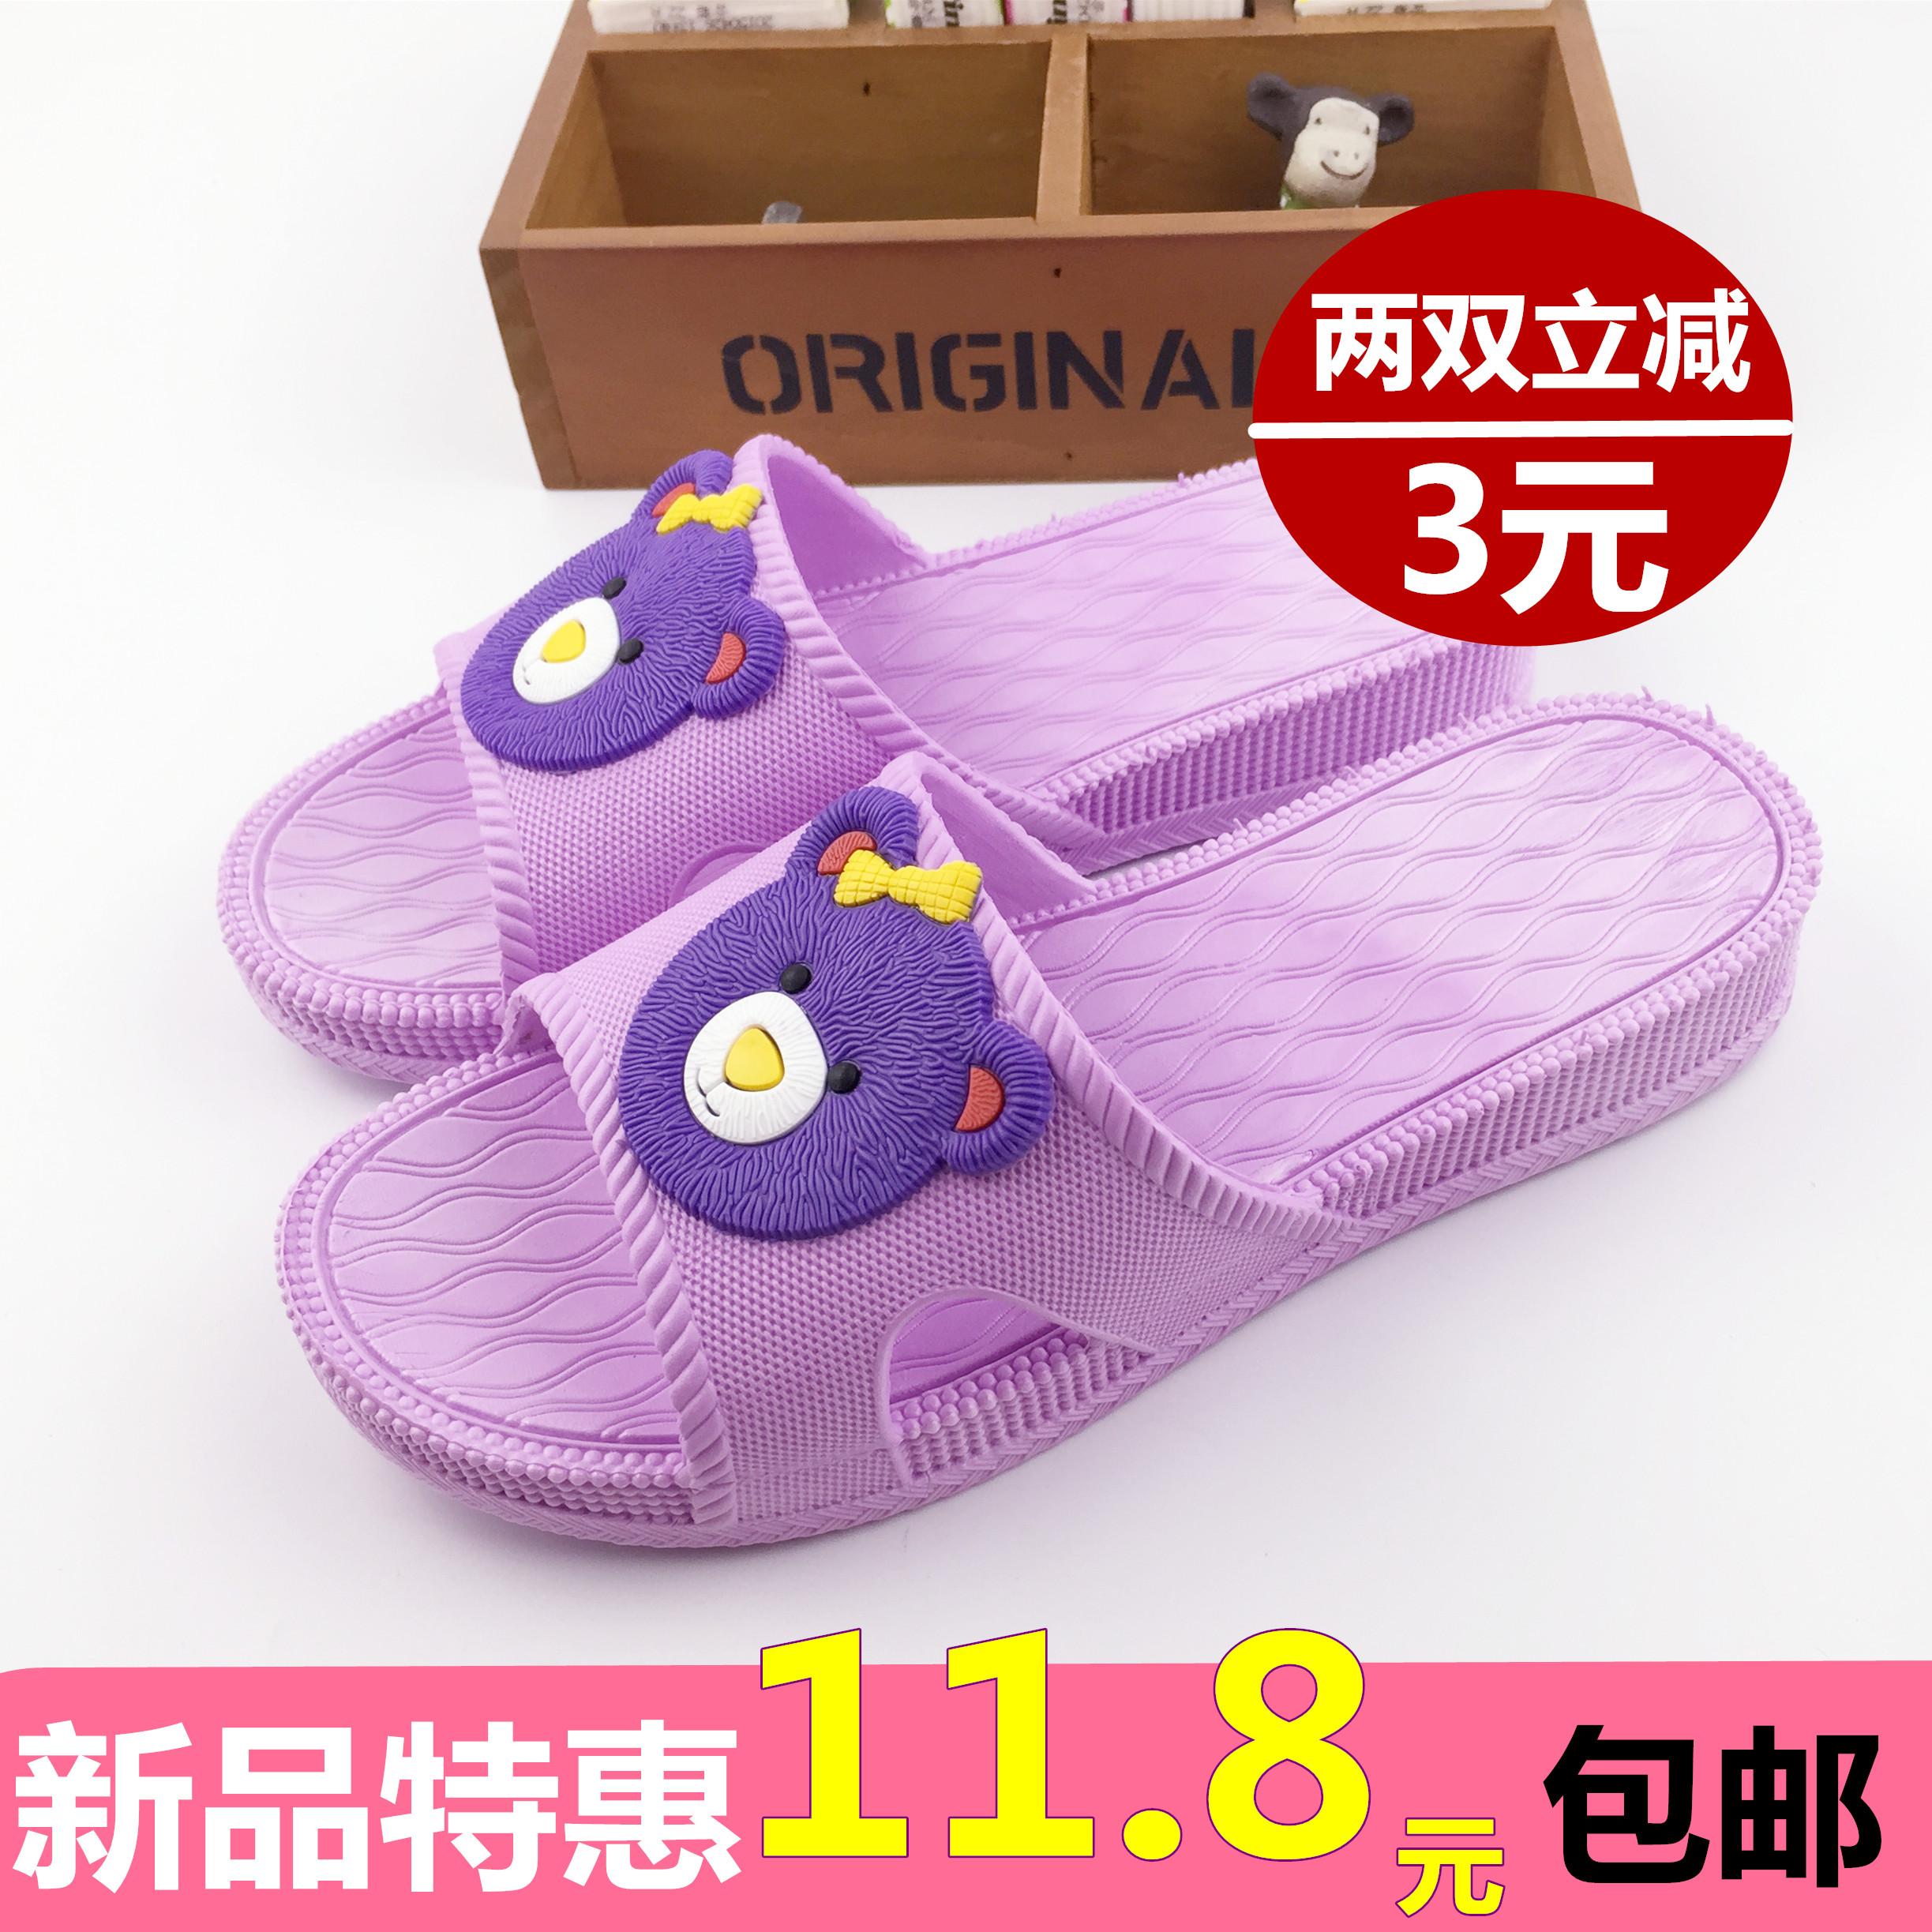 紫色厚底鞋 新款可爱韩版女士家居拖鞋夏季居家浴室防滑坡跟厚底紫色塑料凉拖_推荐淘宝好看的紫色厚底鞋